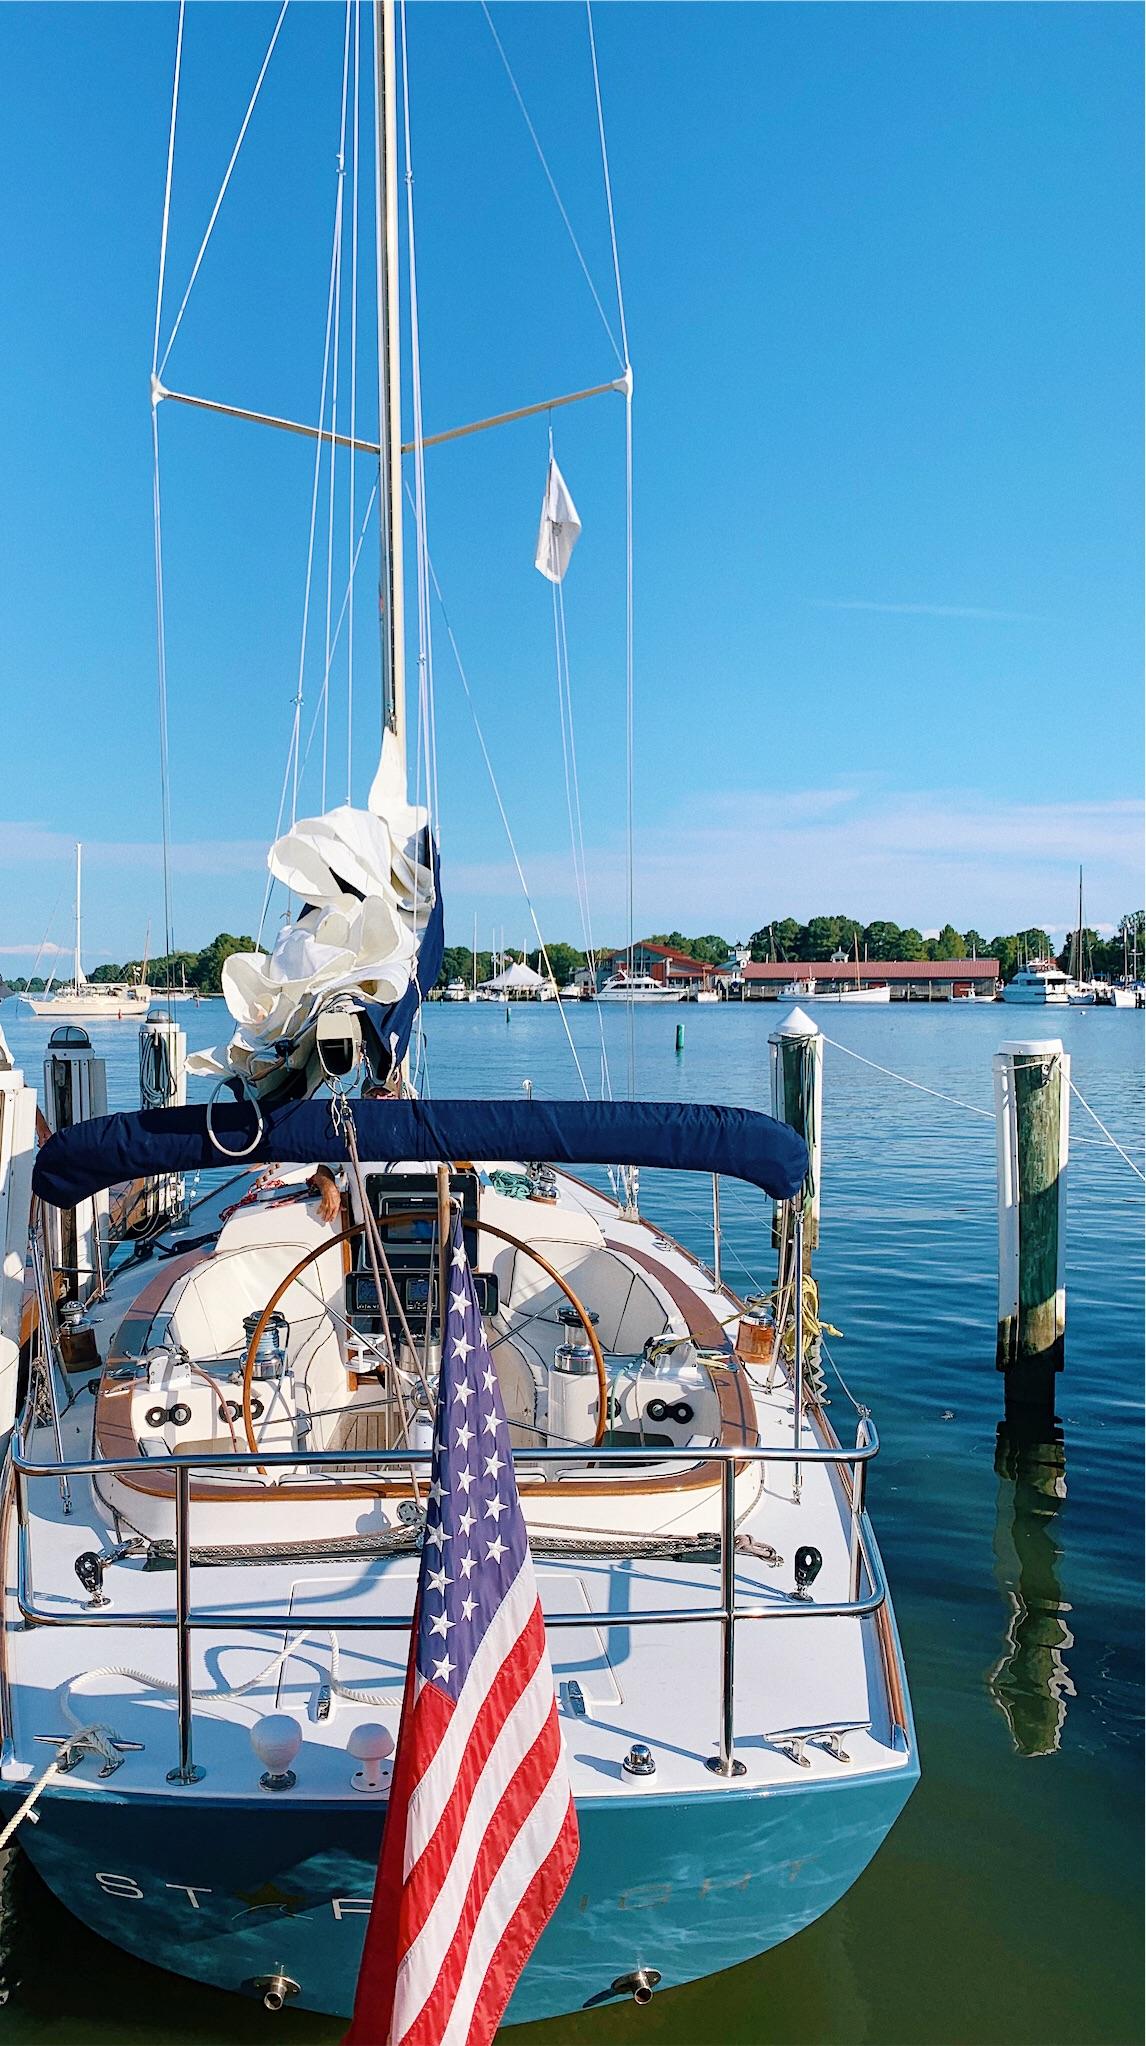 Sailing at the Inn at Perry Cabin